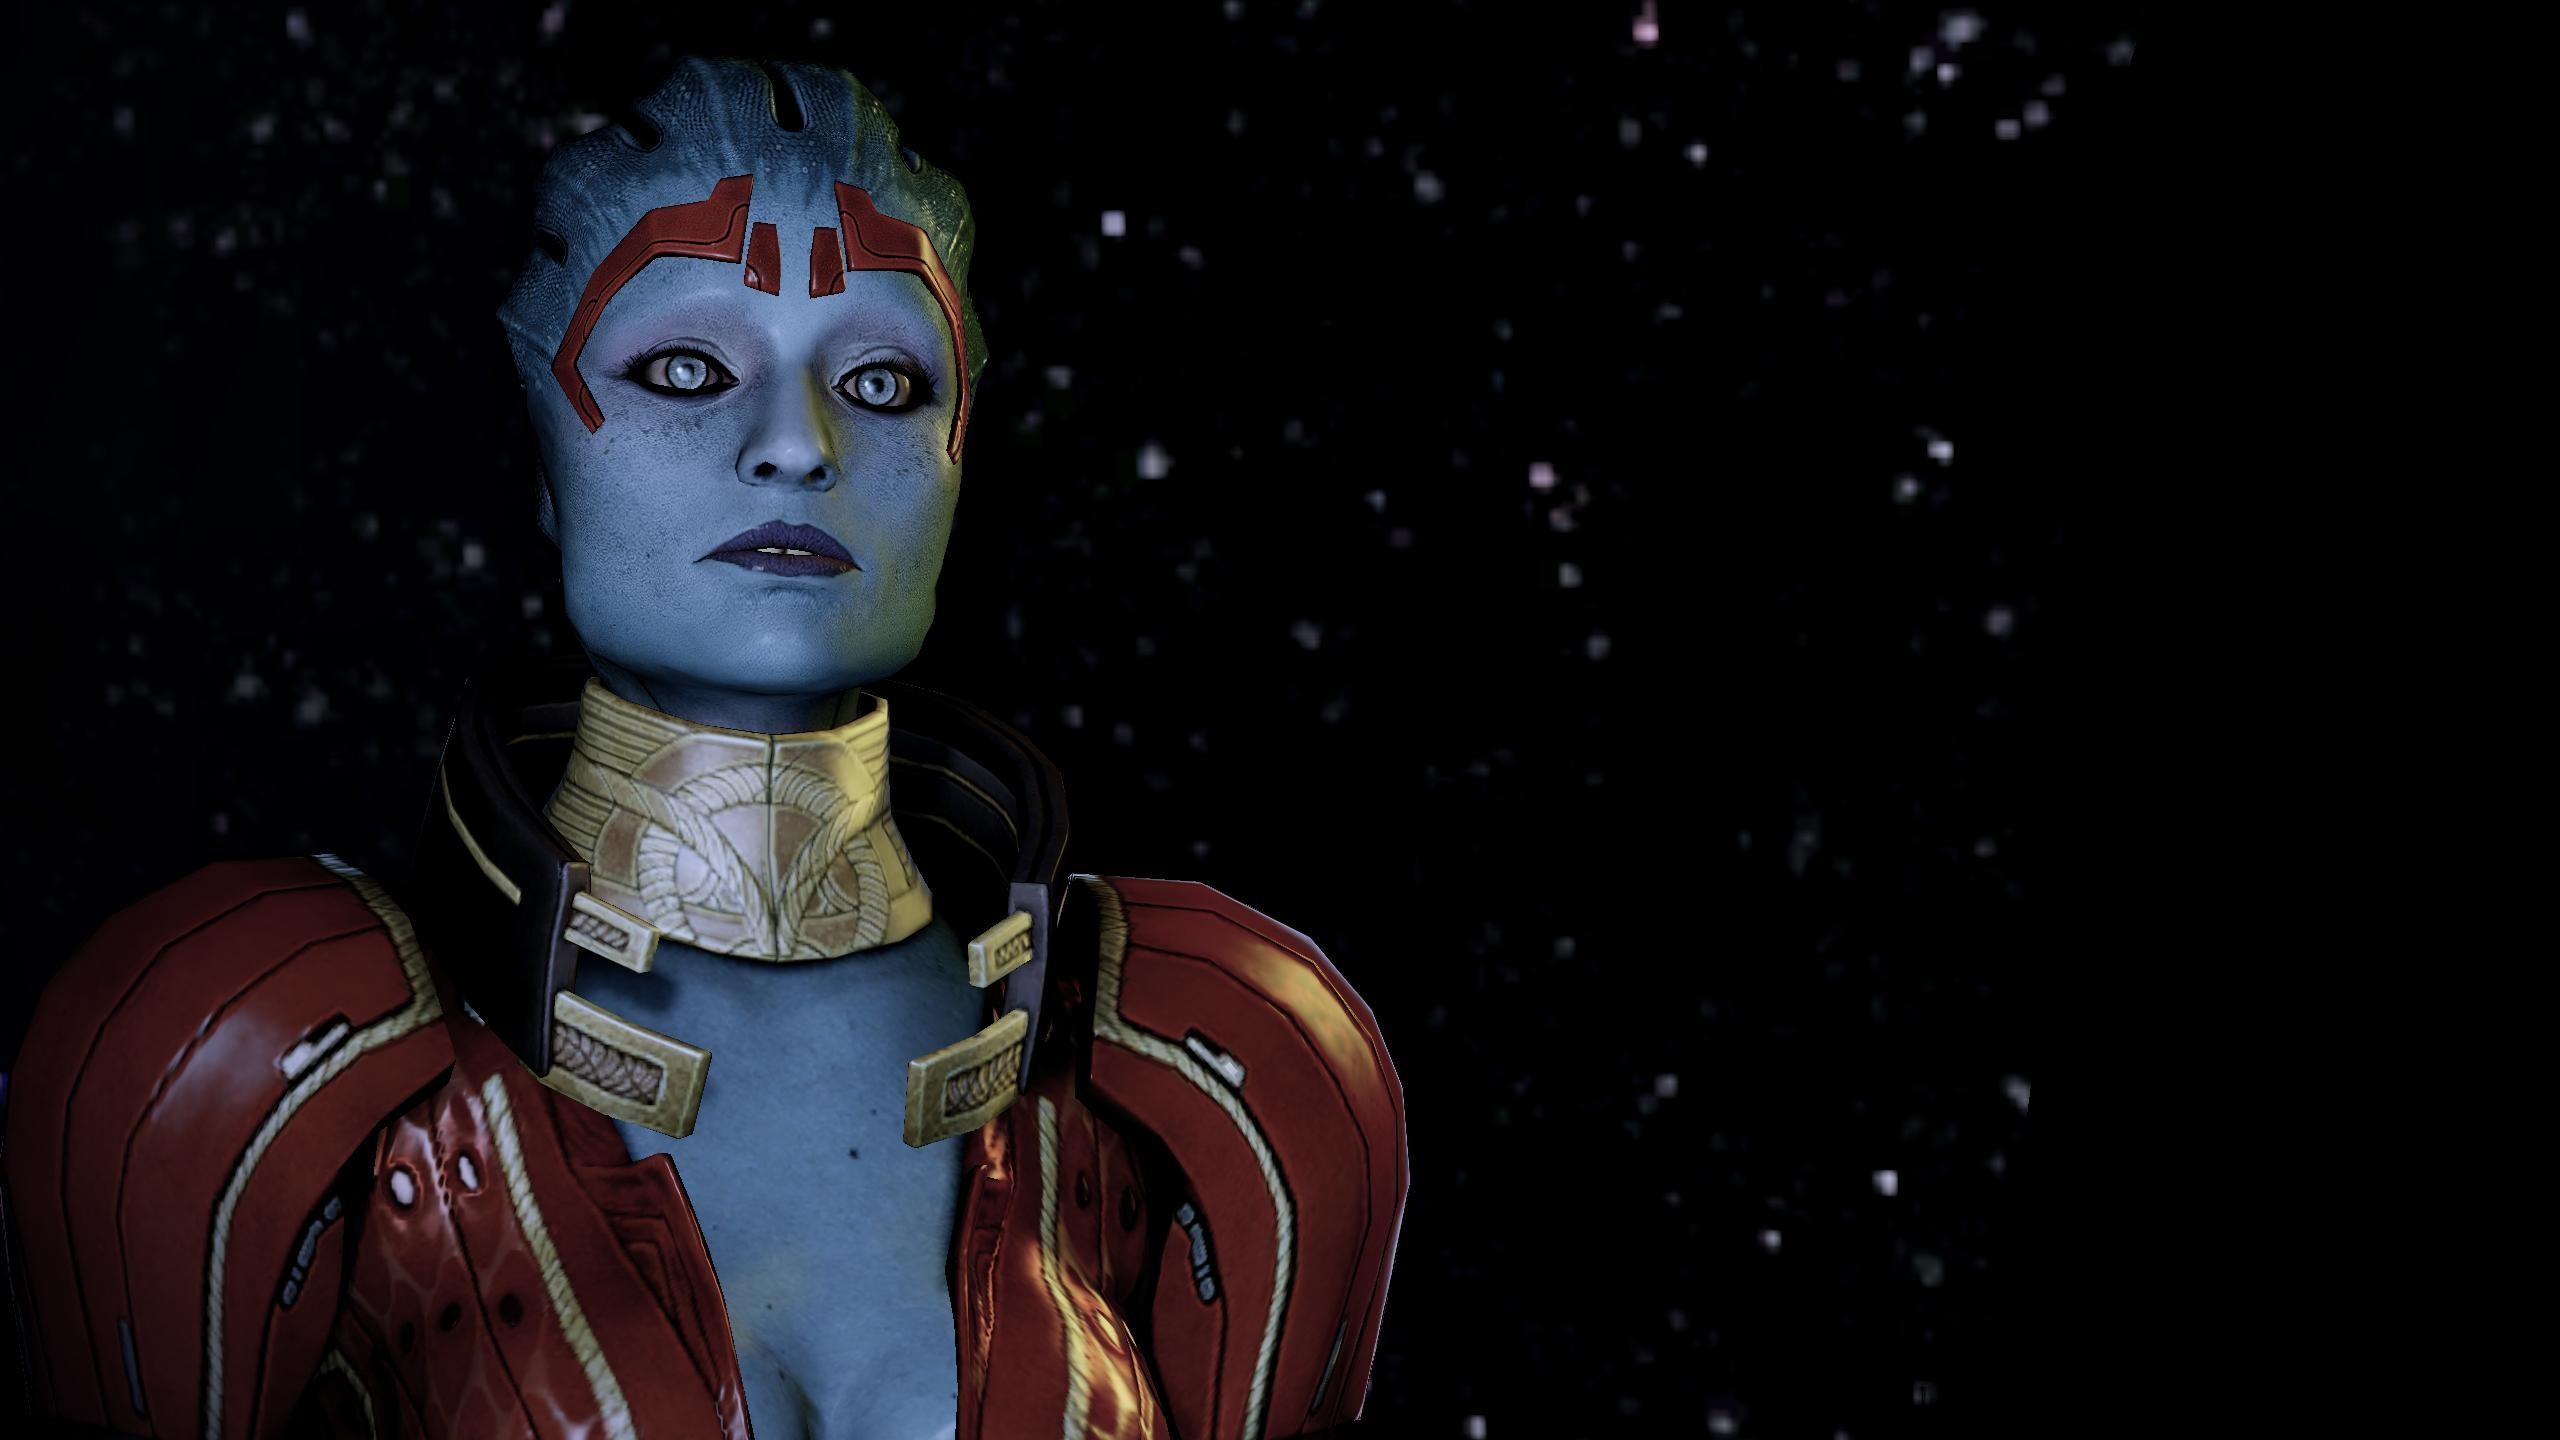 47 Mass Effect Wallpaper 2560x1440 On Wallpapersafari